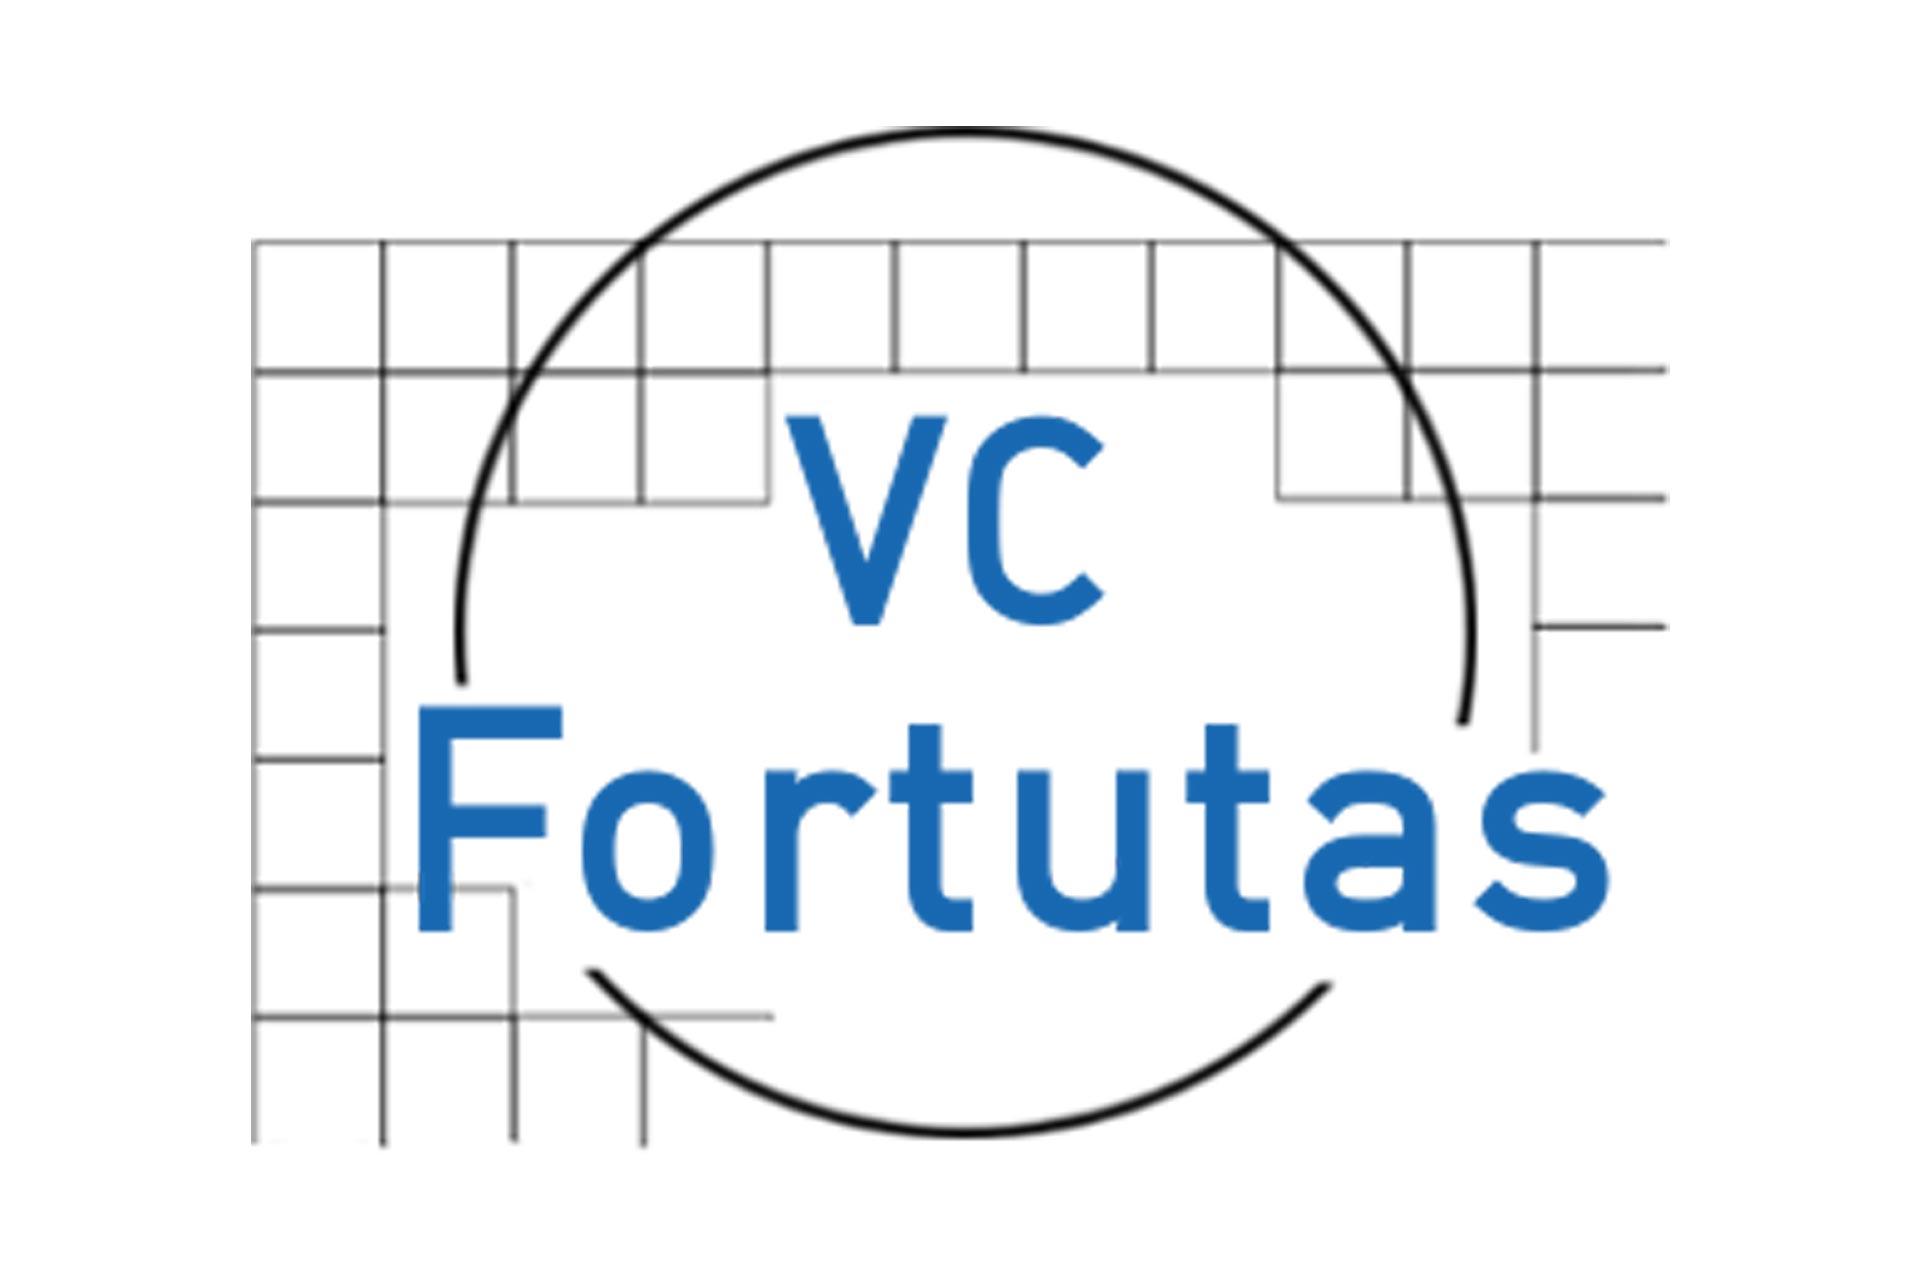 VC-Fortutas-1